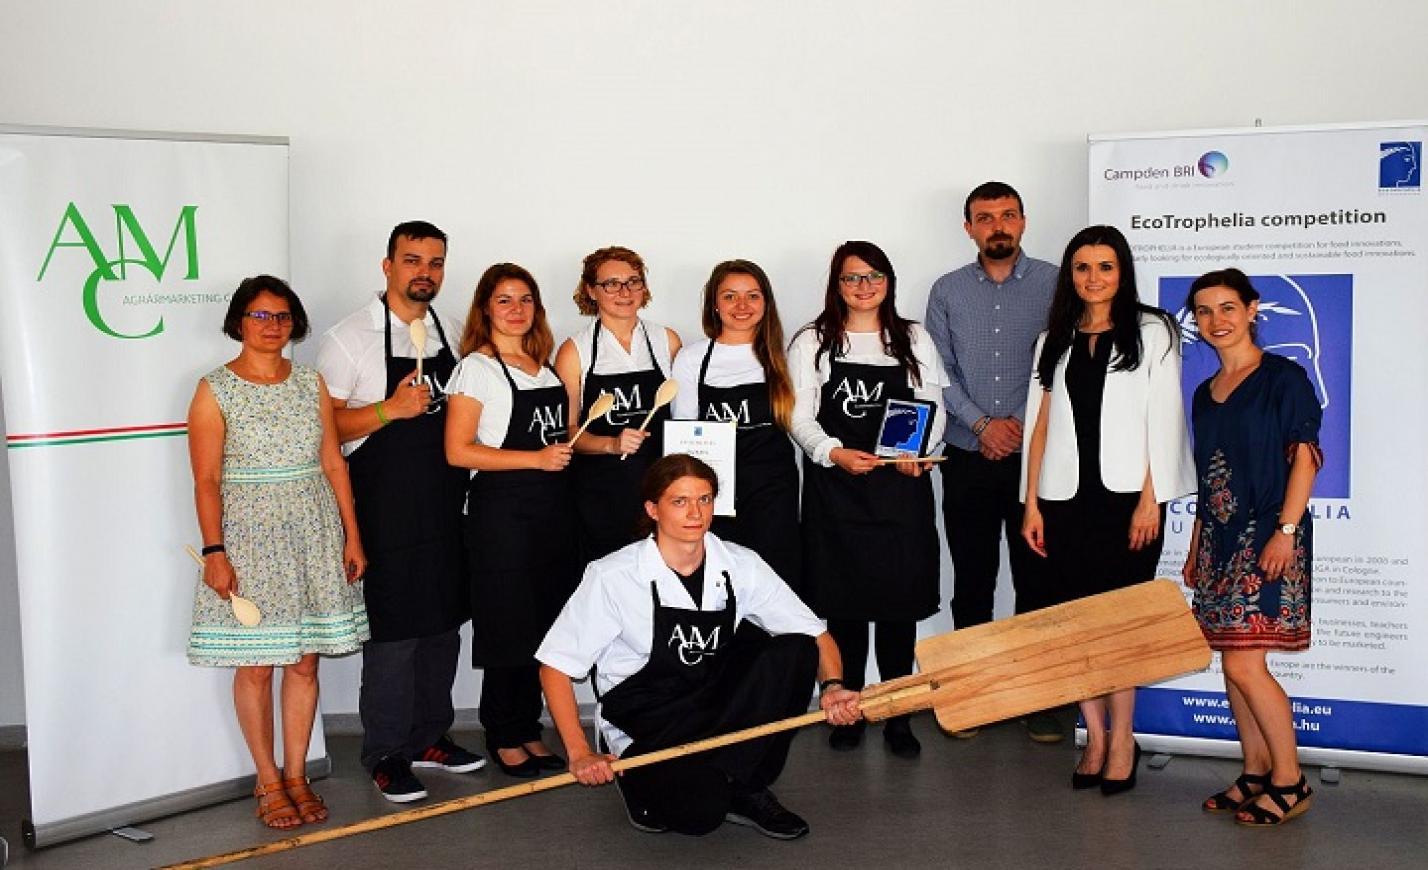 Külhoni magyar egyetem diákjainak élelmiszeripari fejlesztése nyert az Ecotrophilián